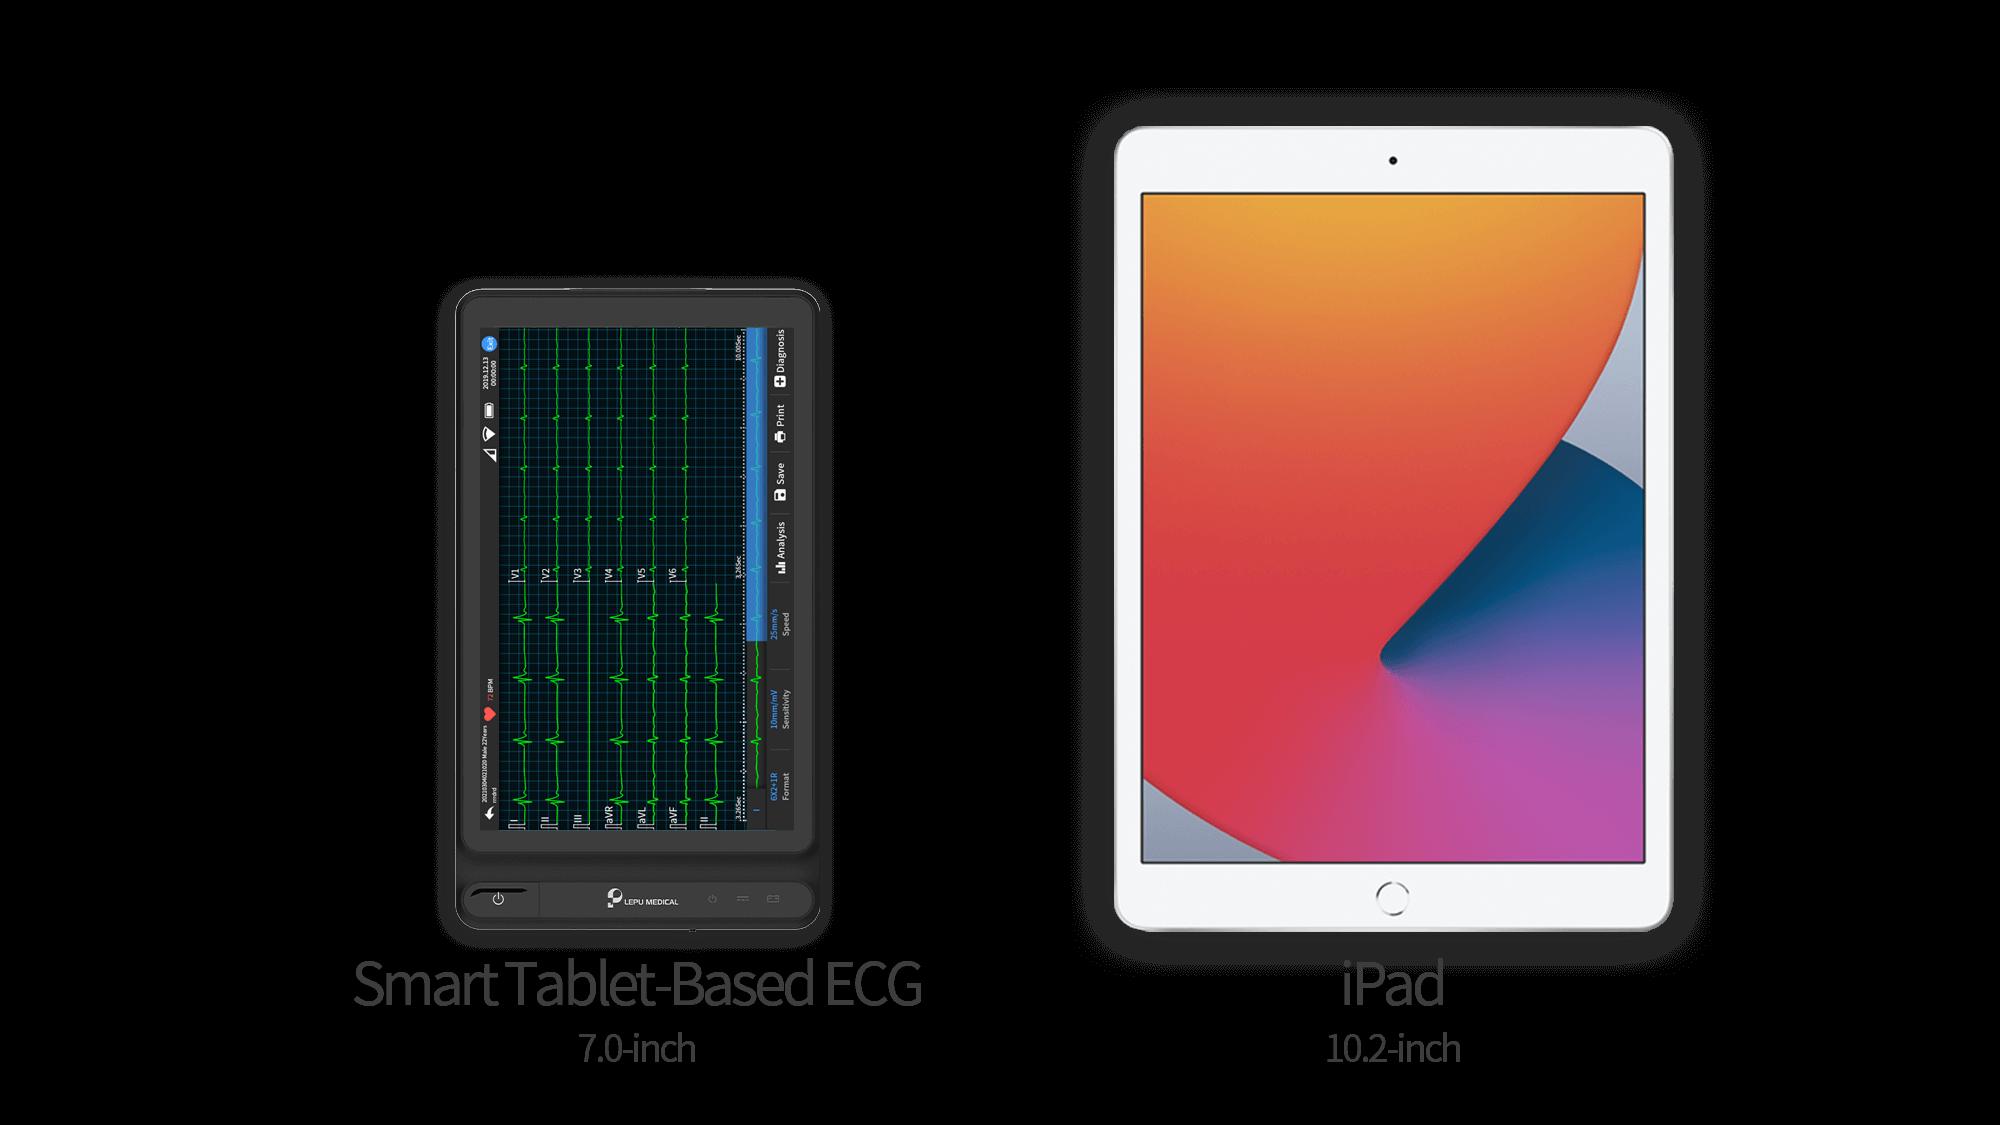 La comparación de tamaño entre el ECG basado en tableta inteligente Wellue de 7 pulgadas y el iPad de 10.2 pulgadas.